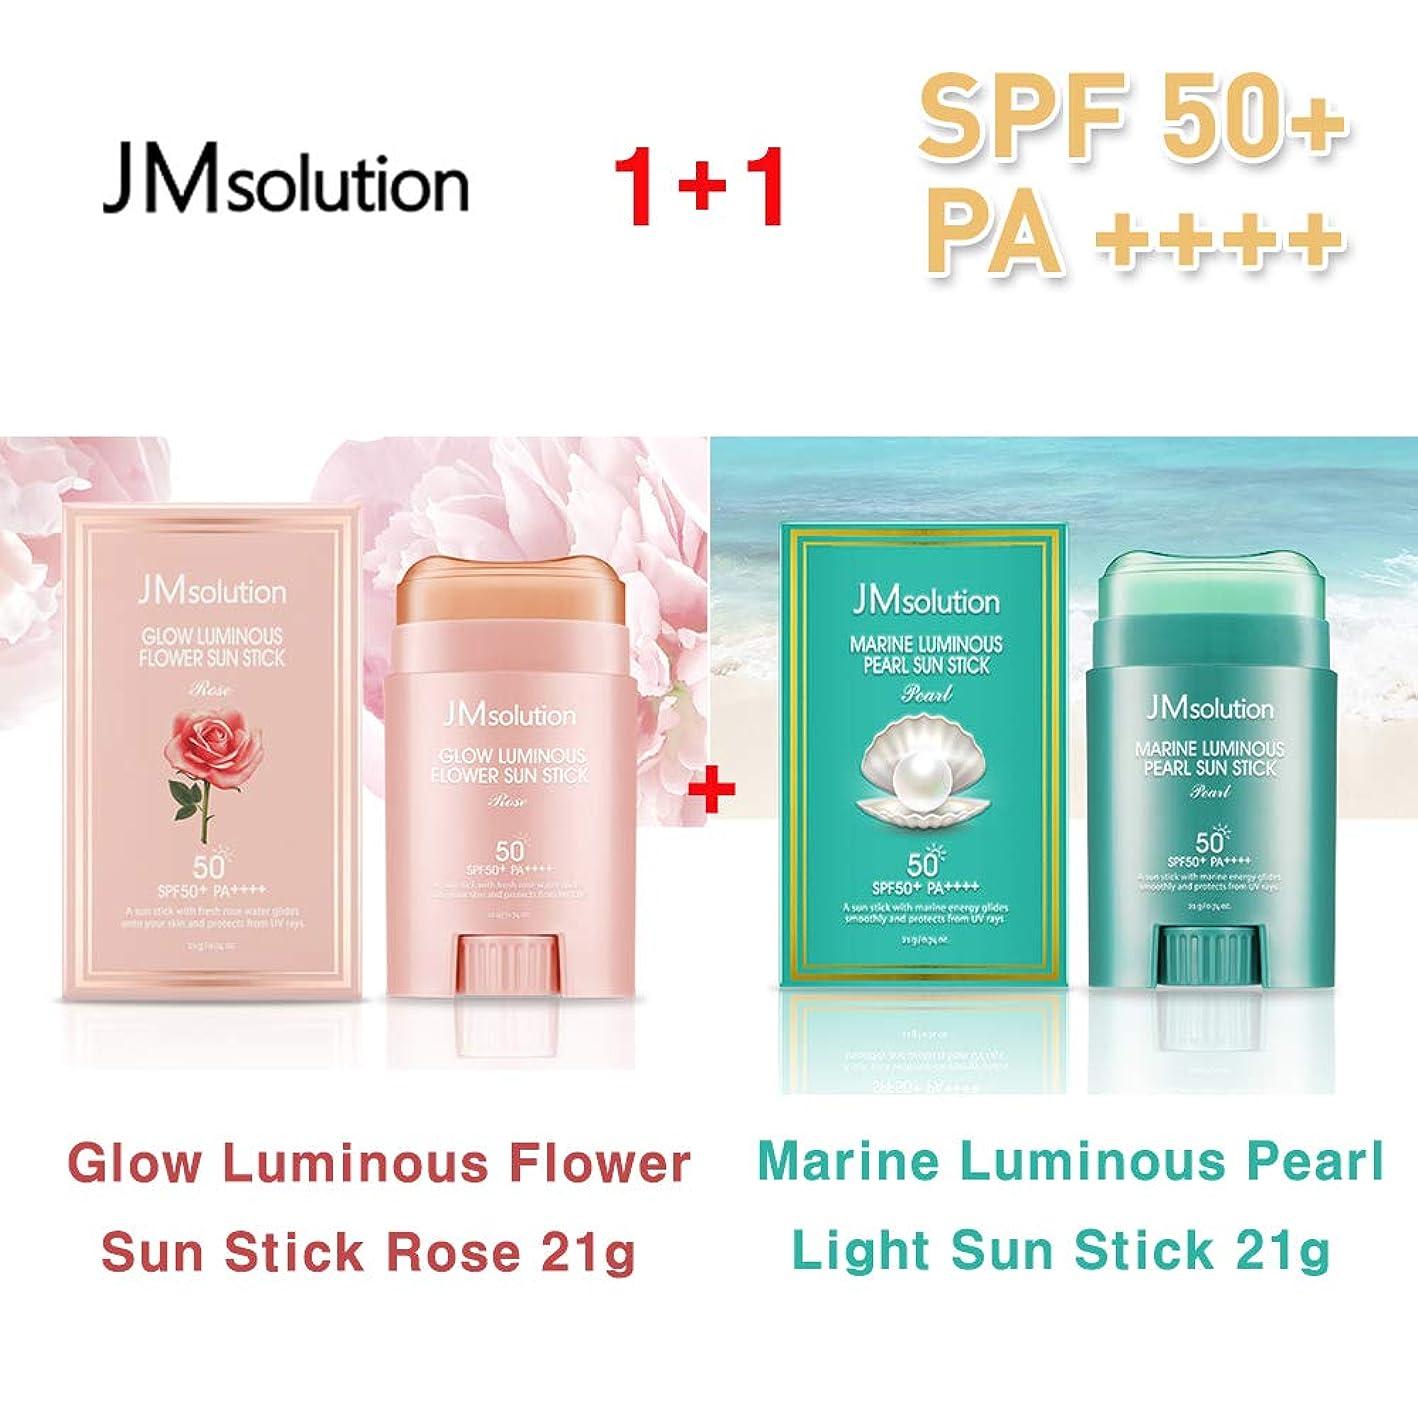 ファンストロークジャグリングJM Solution ★1+1★ Glow Luminous Flower Sun Stick Rose 21g + Marine Luminous Pearl Light Sun Stick 21g / 光る輝く花Sun Stick Rose + マリンルミナスパールライトサンスティック21g /